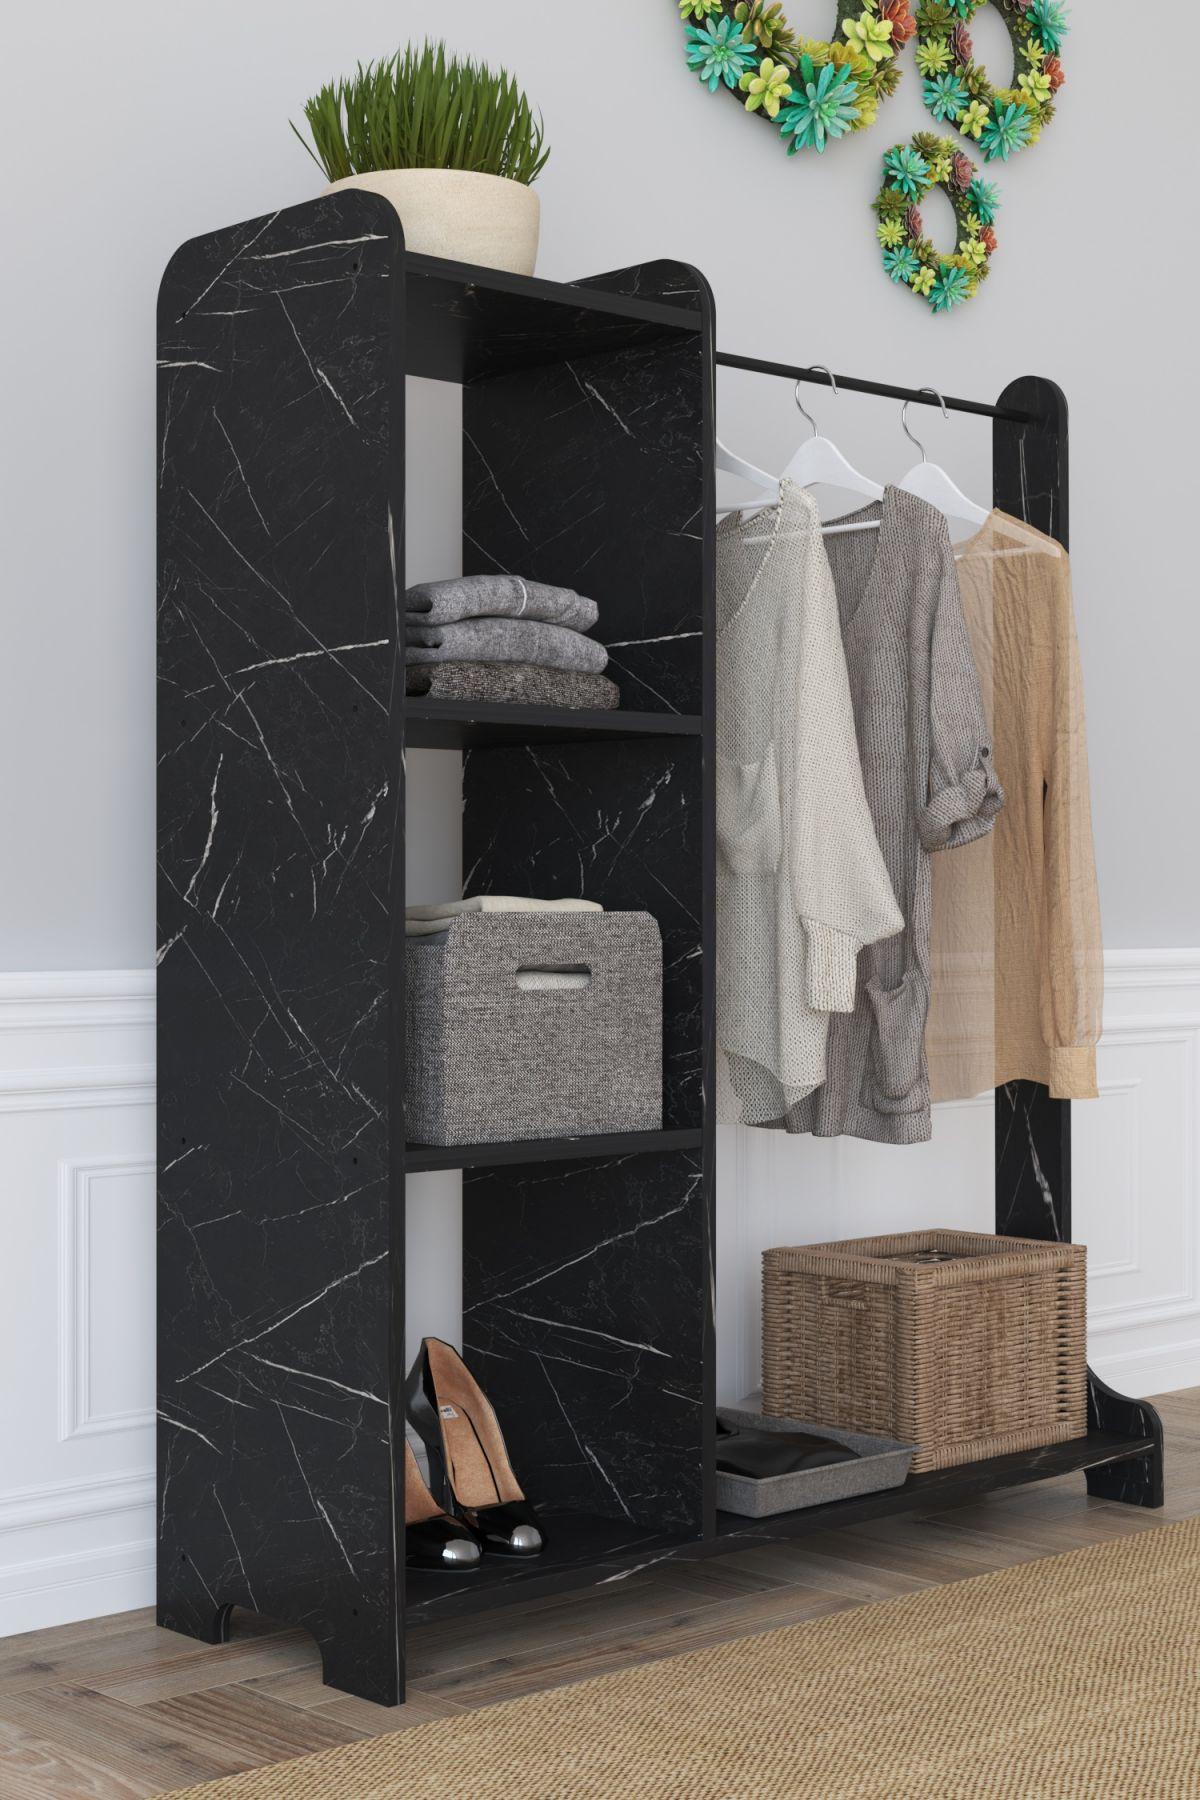 Suport umerase cu 3 rafturi Moda Homs 106 x 35 x 128 cm, Negru marmorat